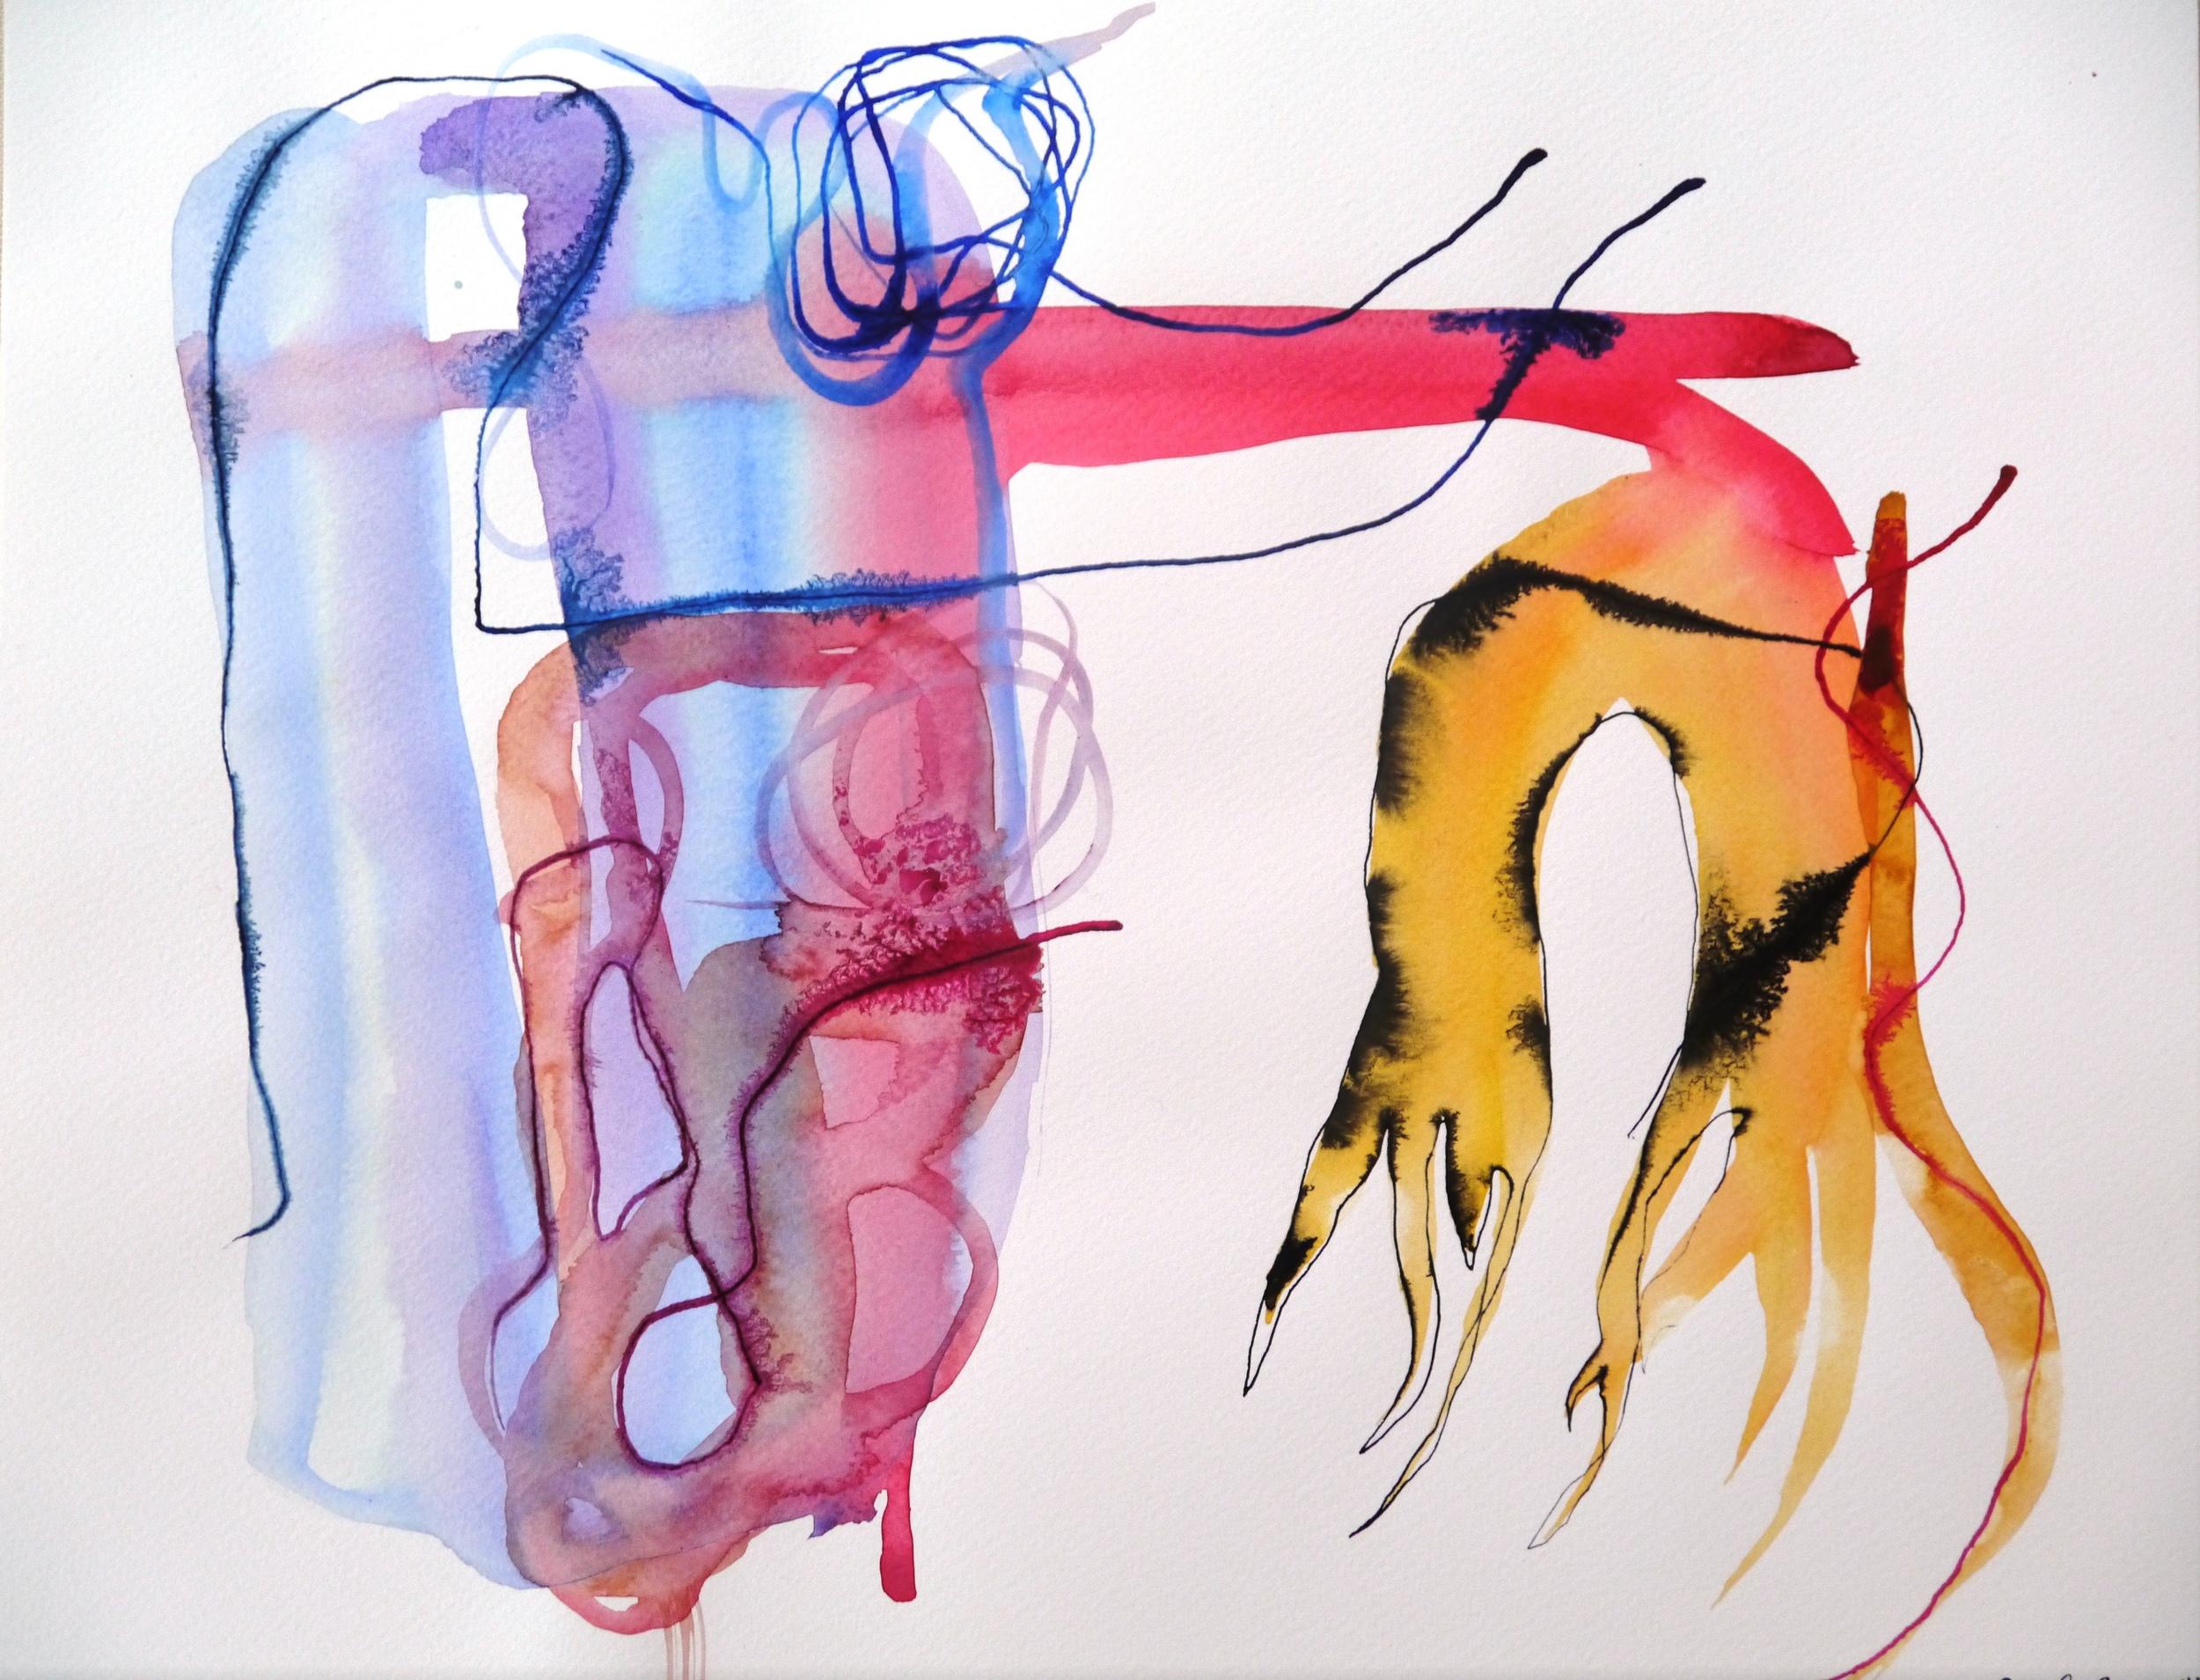 daniel-pinchbeck-art6-med.jpg